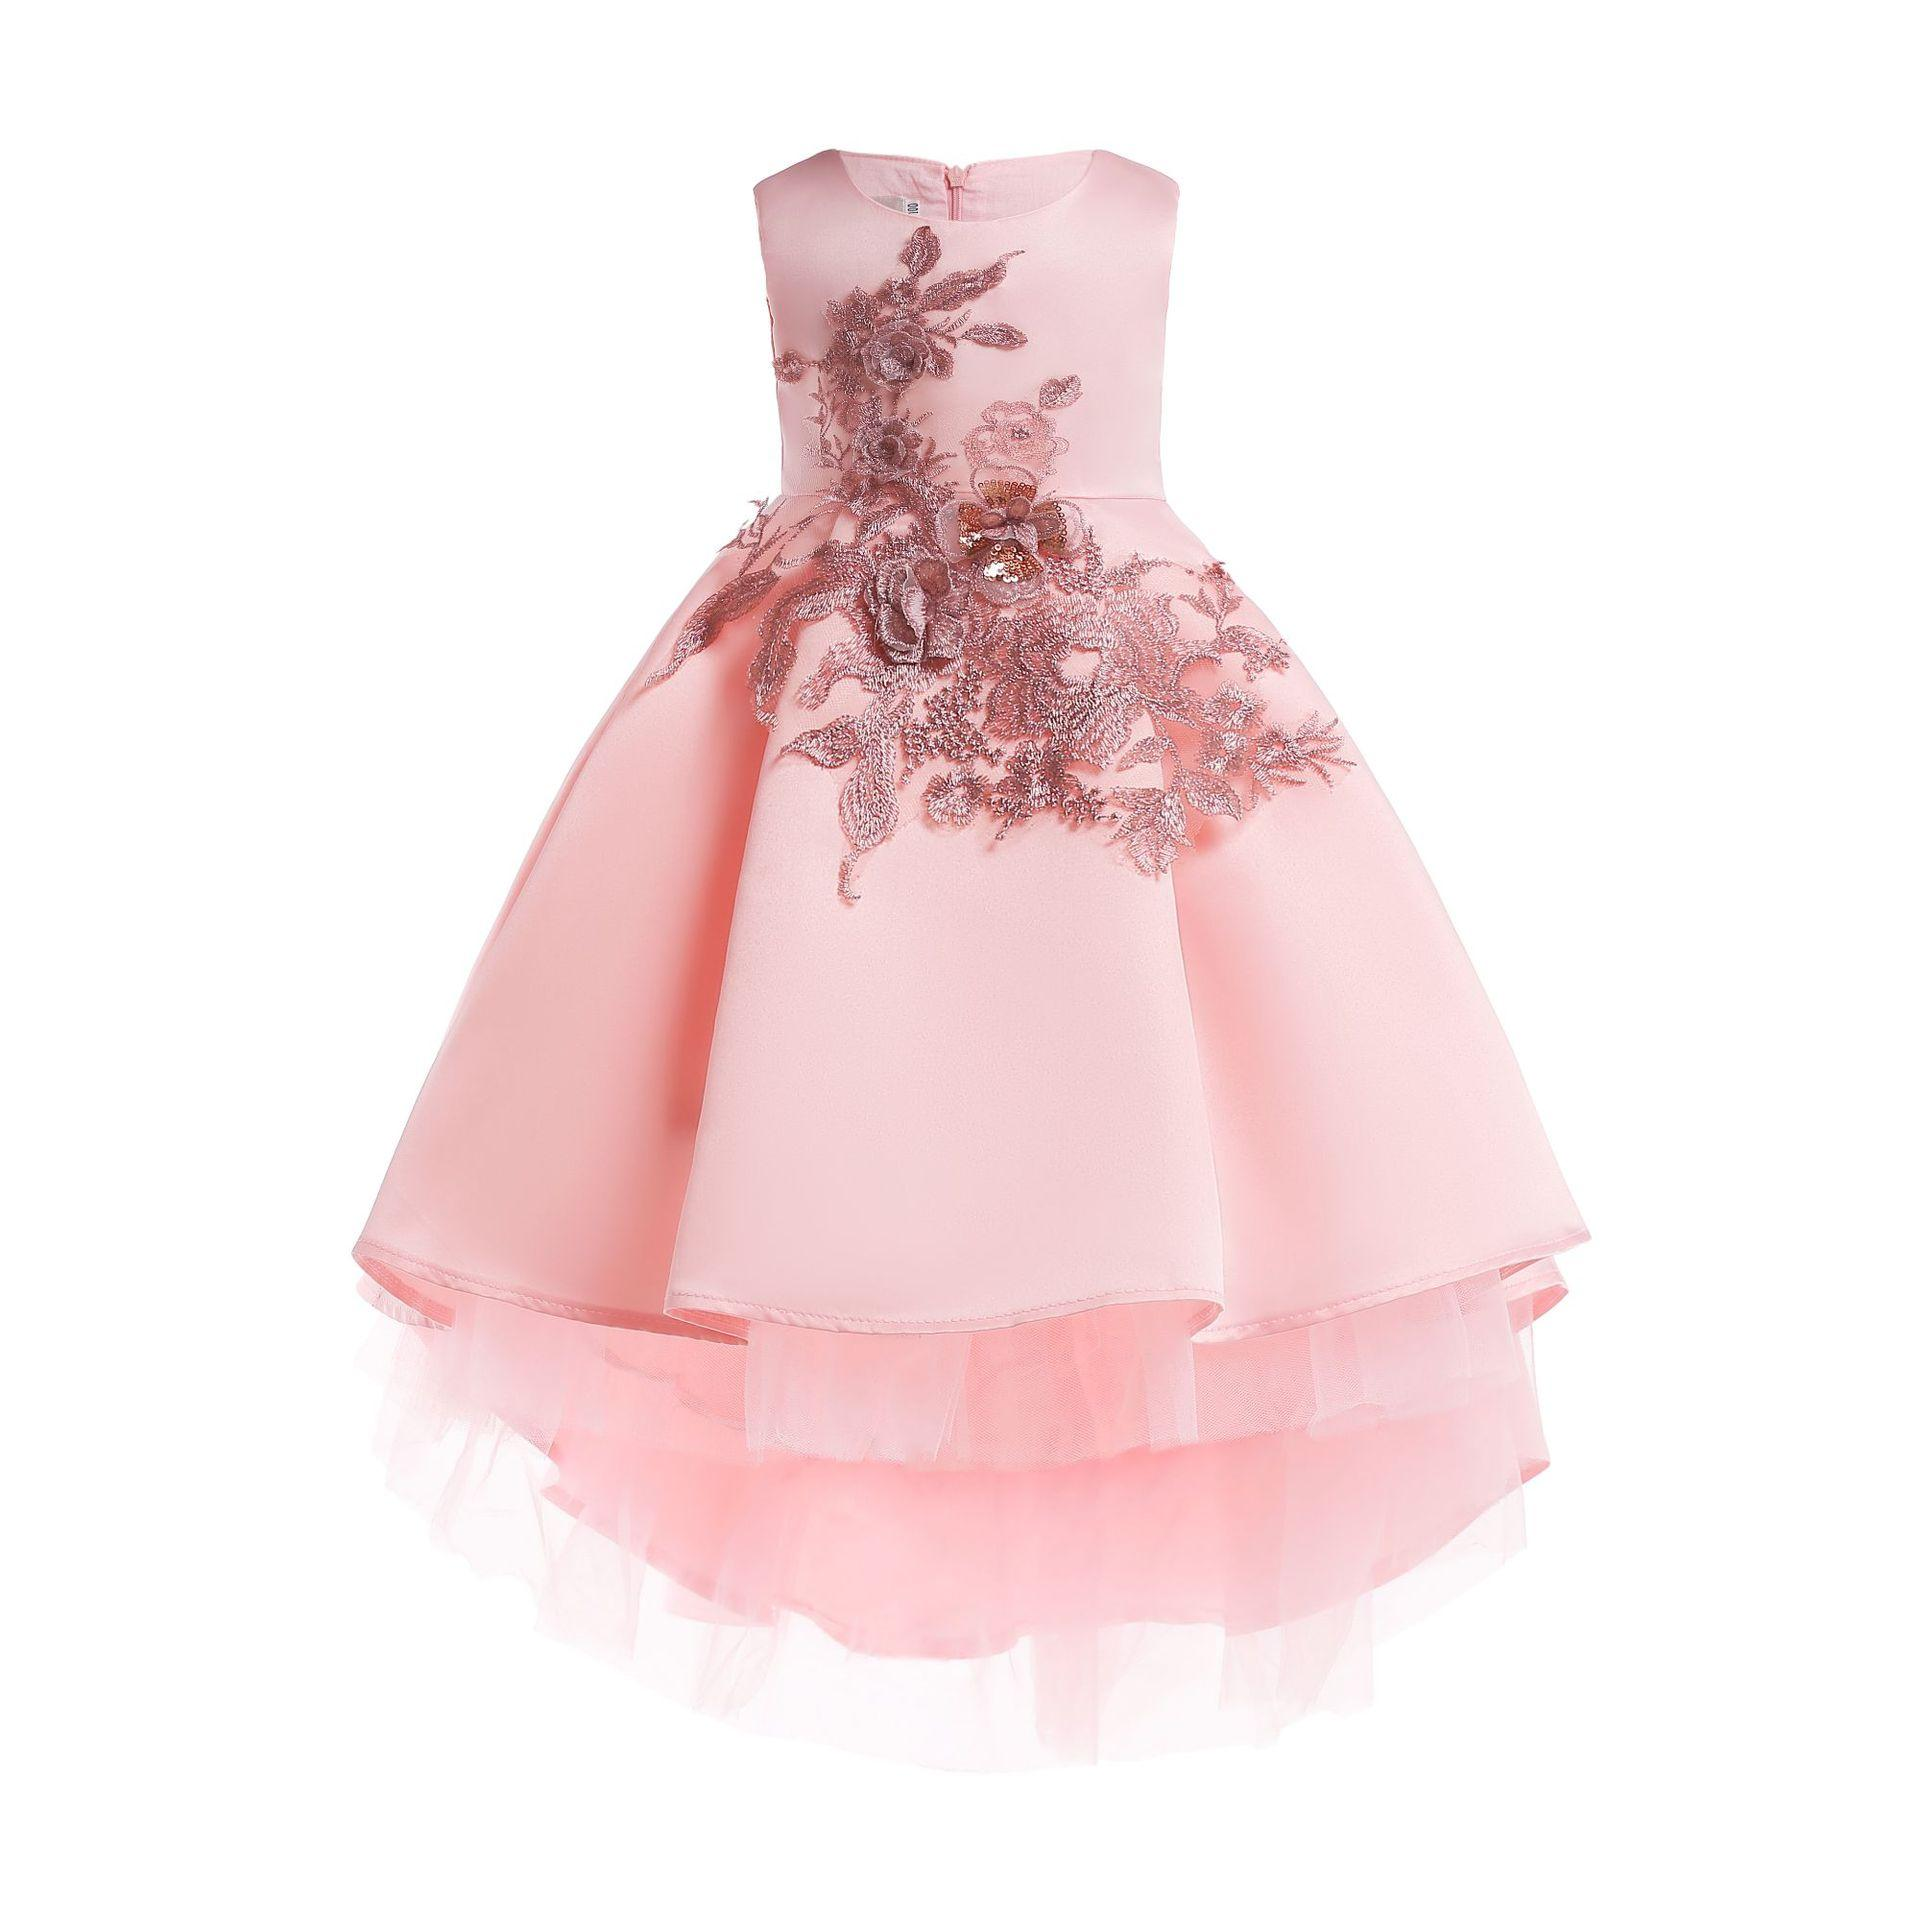 sports shoes 5547b 6b098 Vestito da principessa delle neonate Vestito da festa elegante dei bambini  per le ragazze del bambino Vestito da cerimonia nuziale Vestito da festa ...